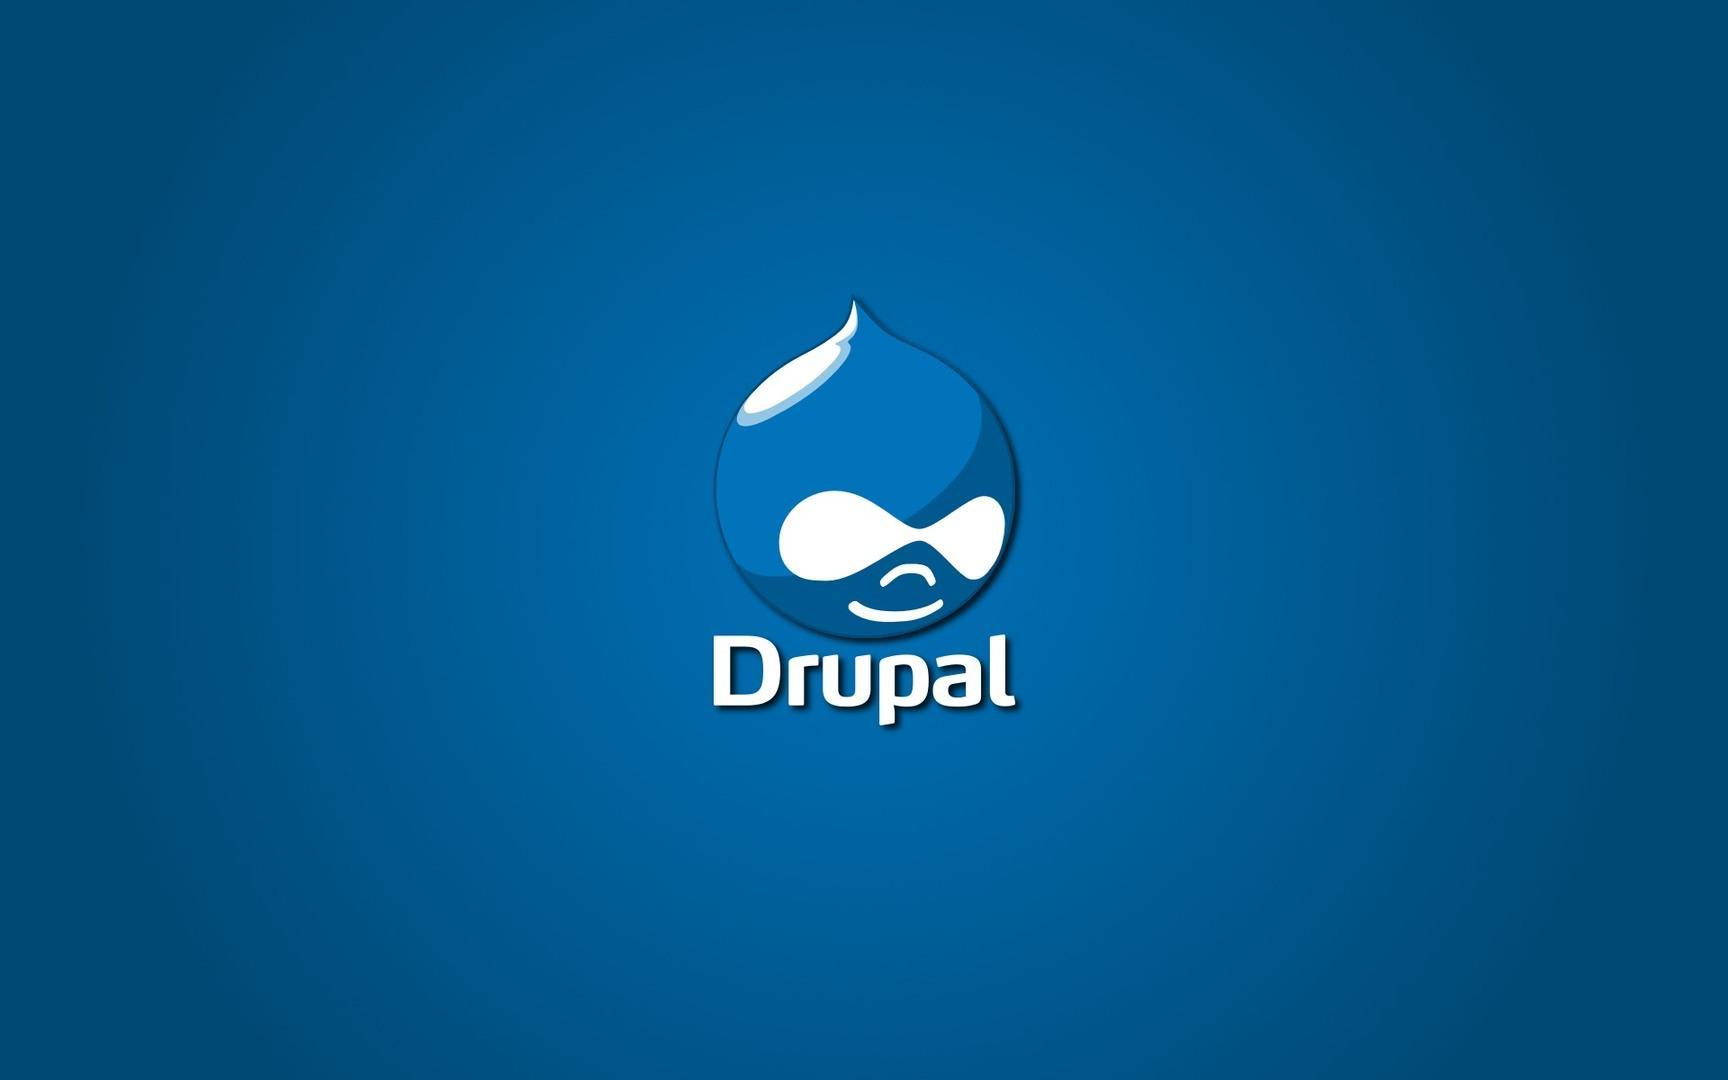 7 Websites for Finding Drupal Jobs